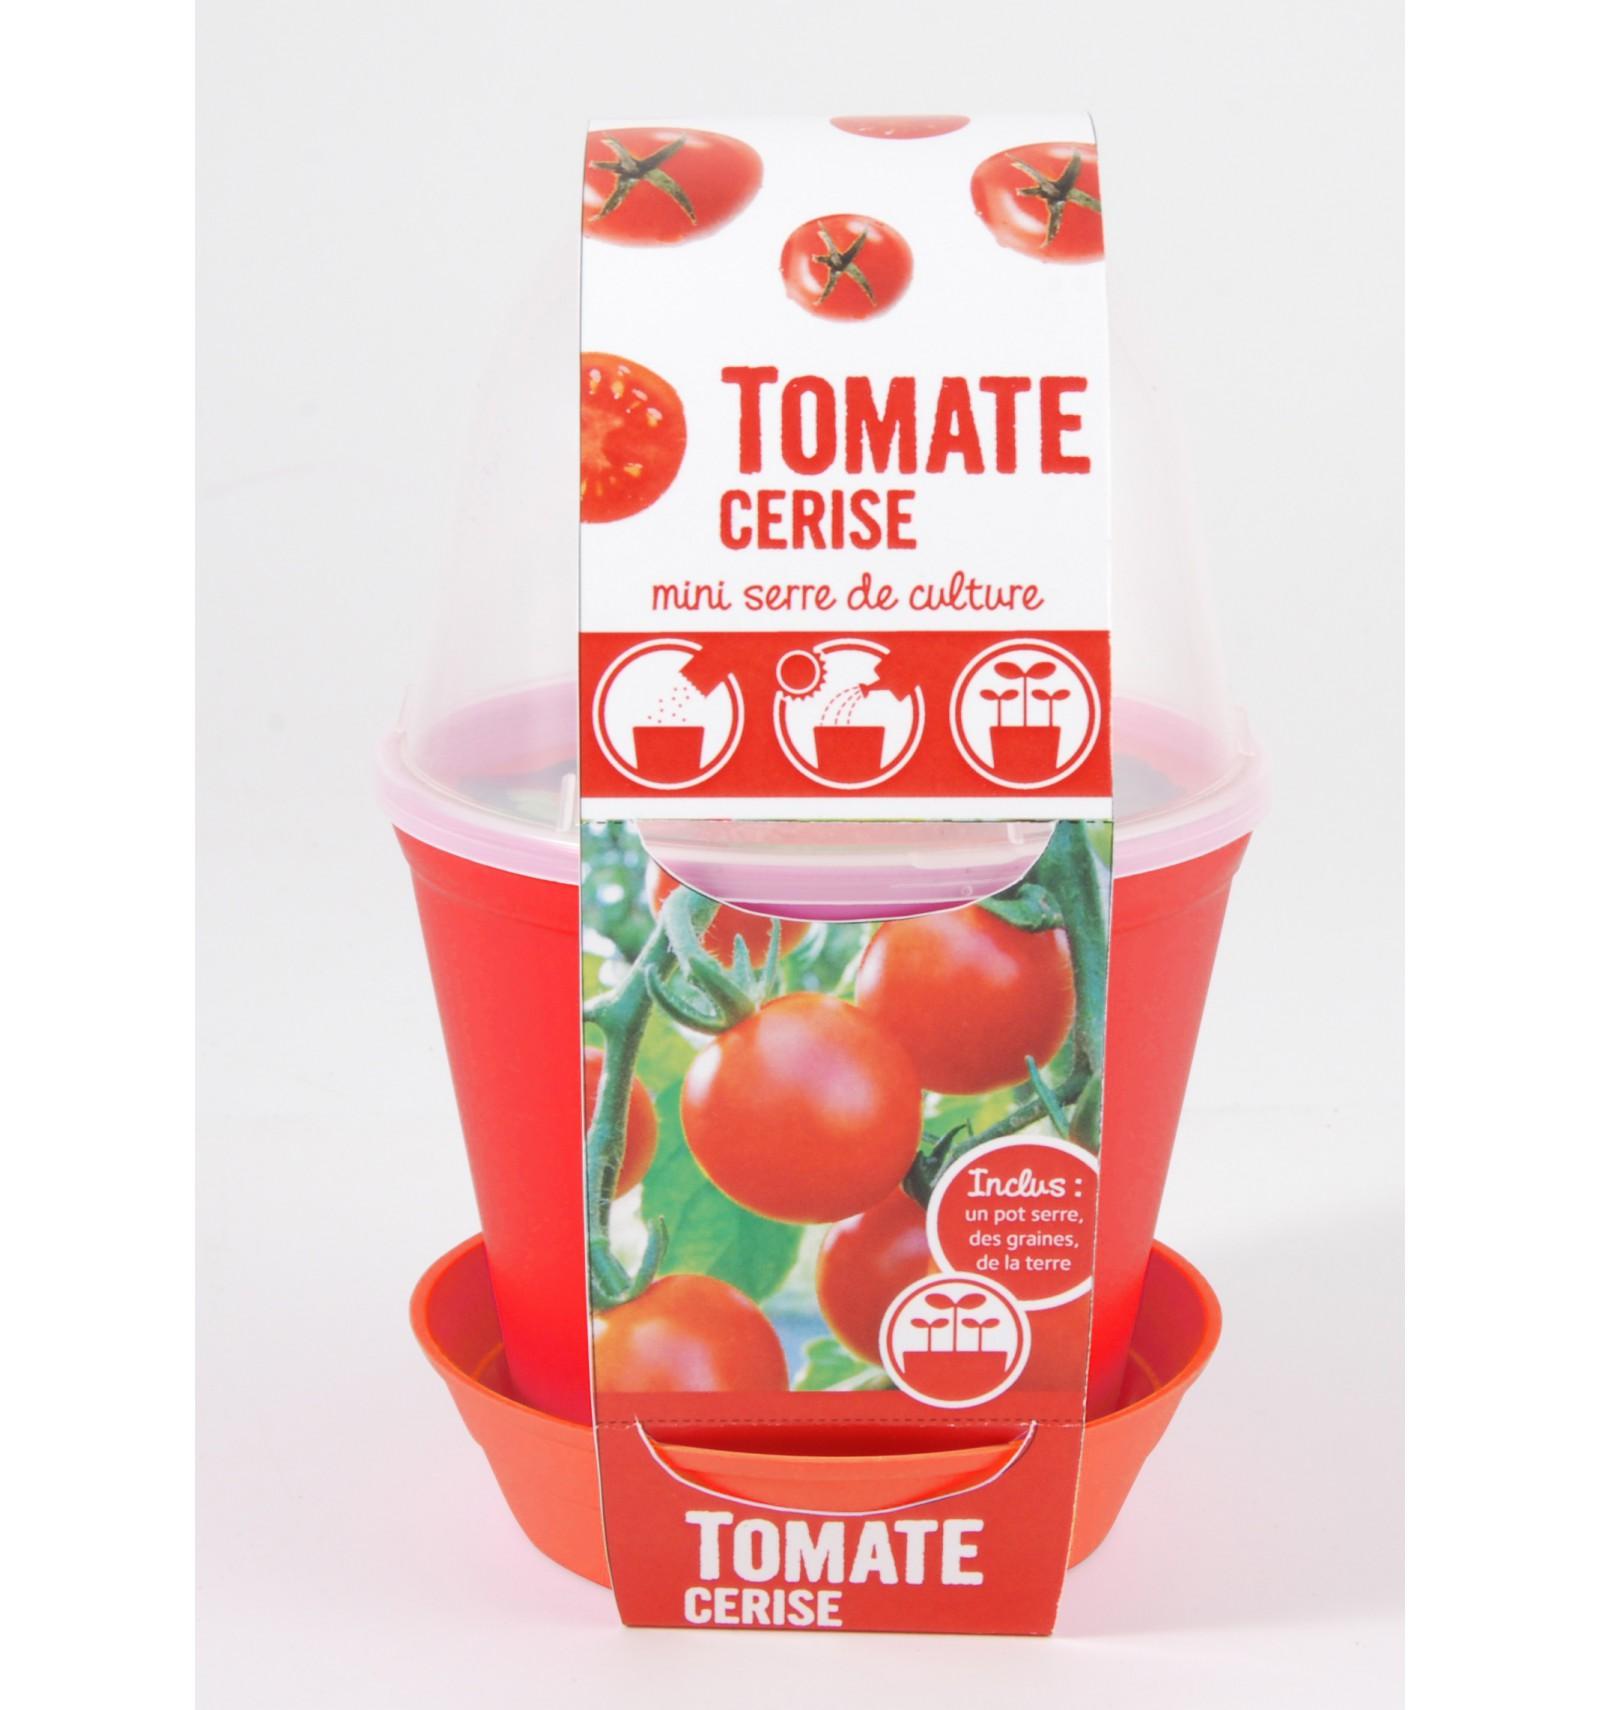 Mini zahrádka - Květináč Bell s Cherry rajčaty